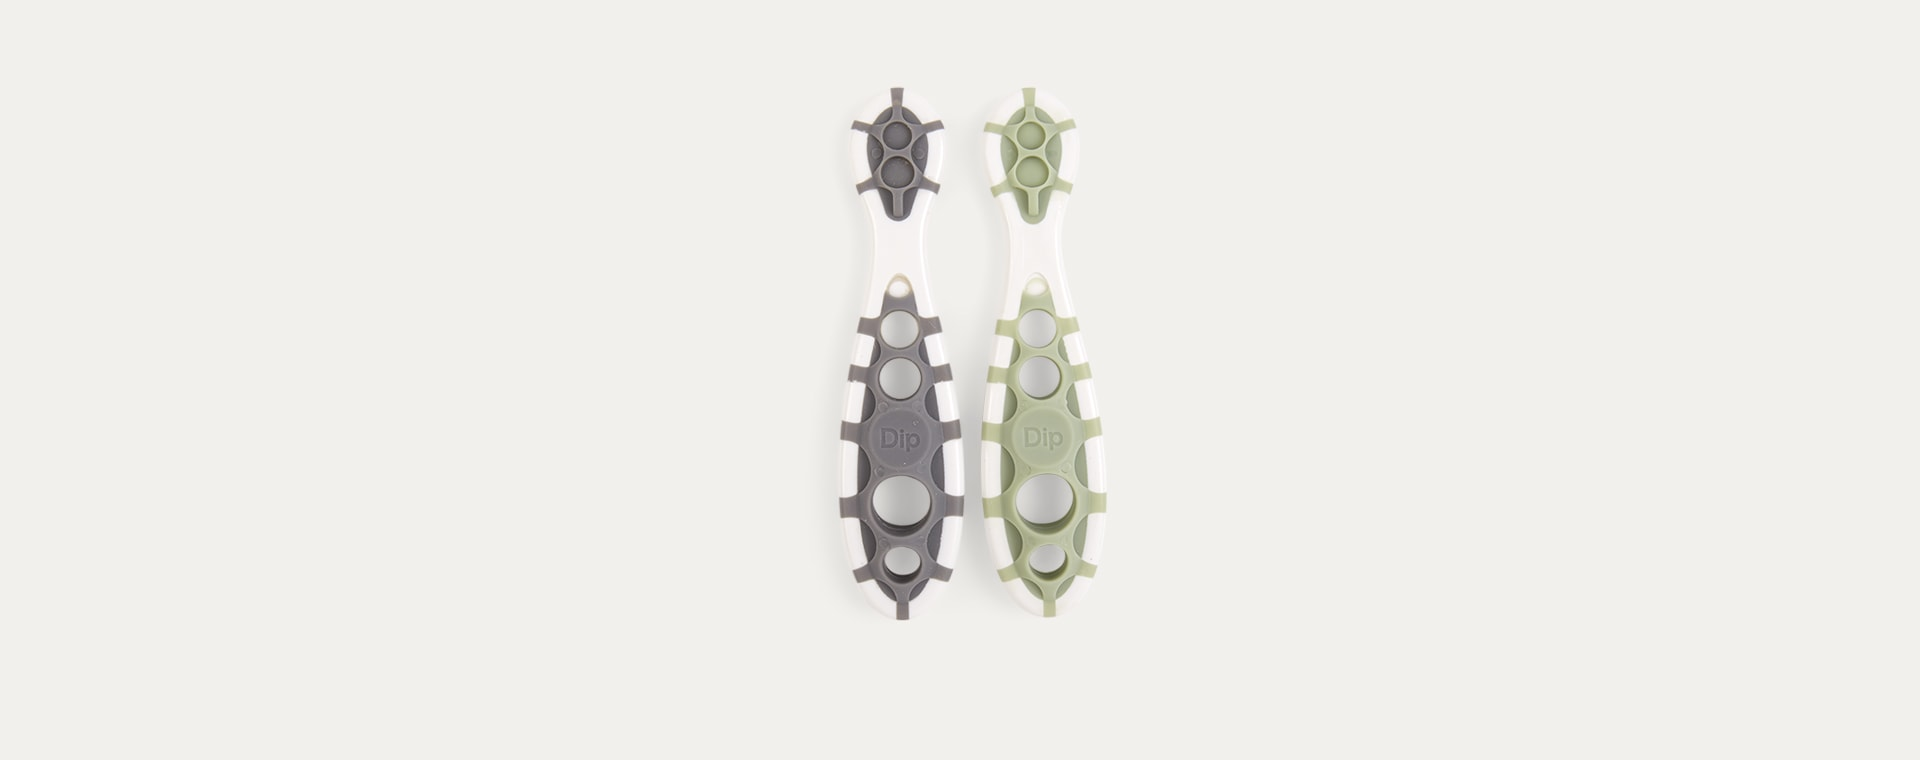 Slate Grey/Sage Green Cognikids 2-Pack Weaning Dip-Spoon